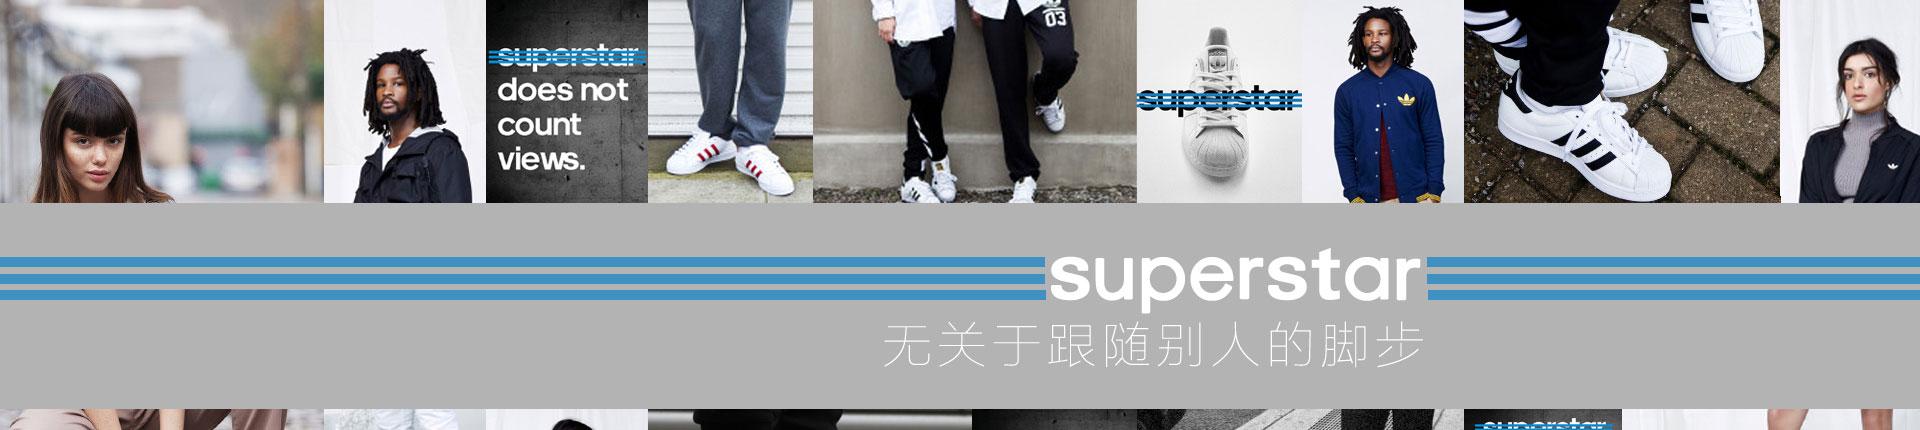 三叶草官方网站